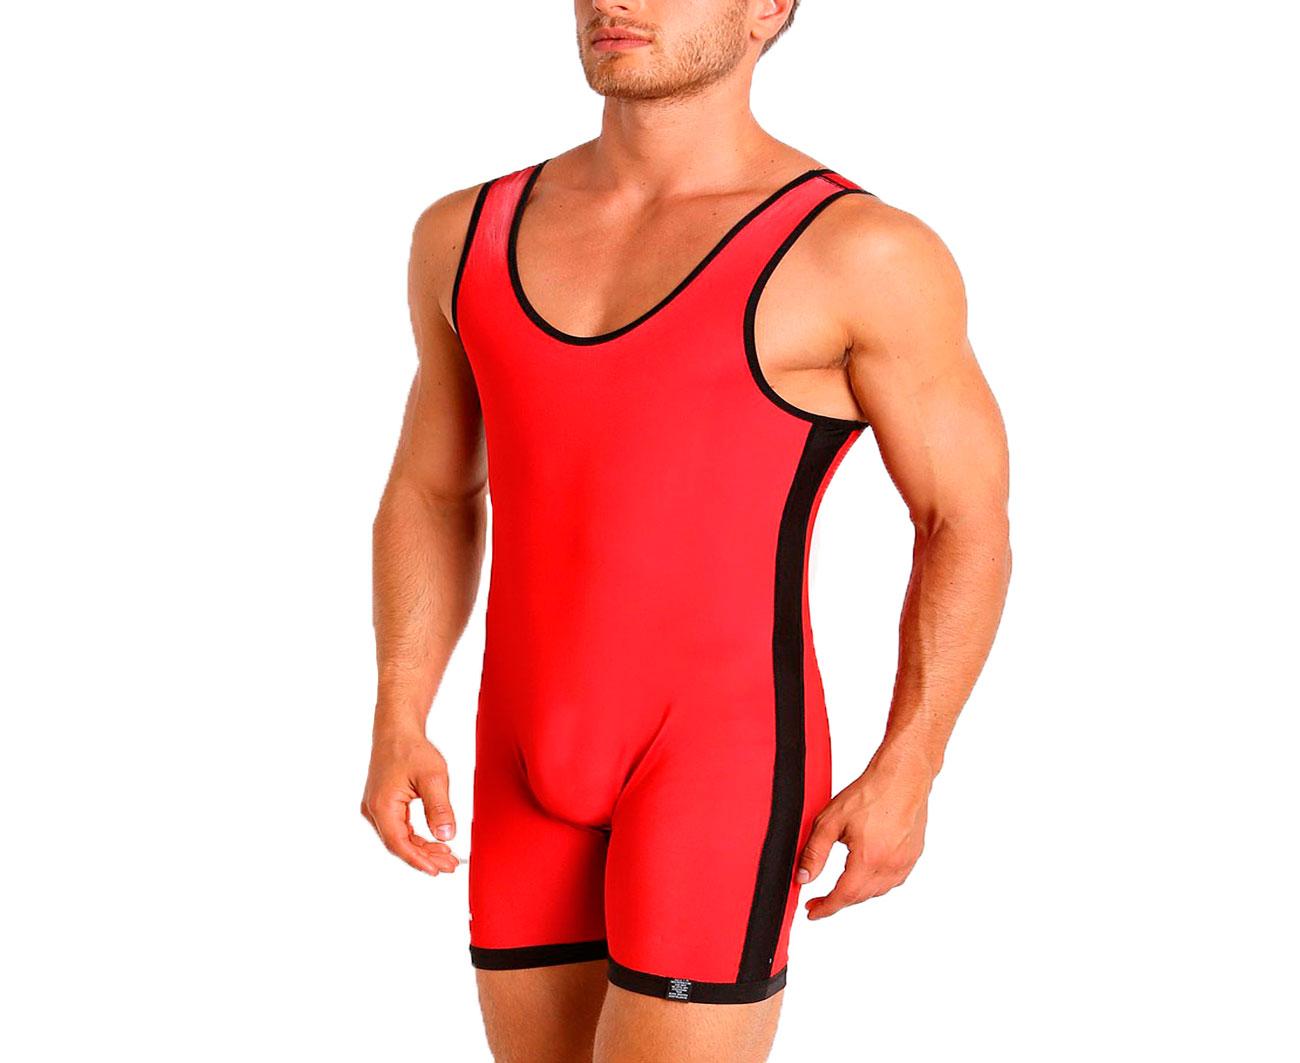 Трико борцовское Adidas двухстороннее Wrestling Reversible Singlet сине-красное XS